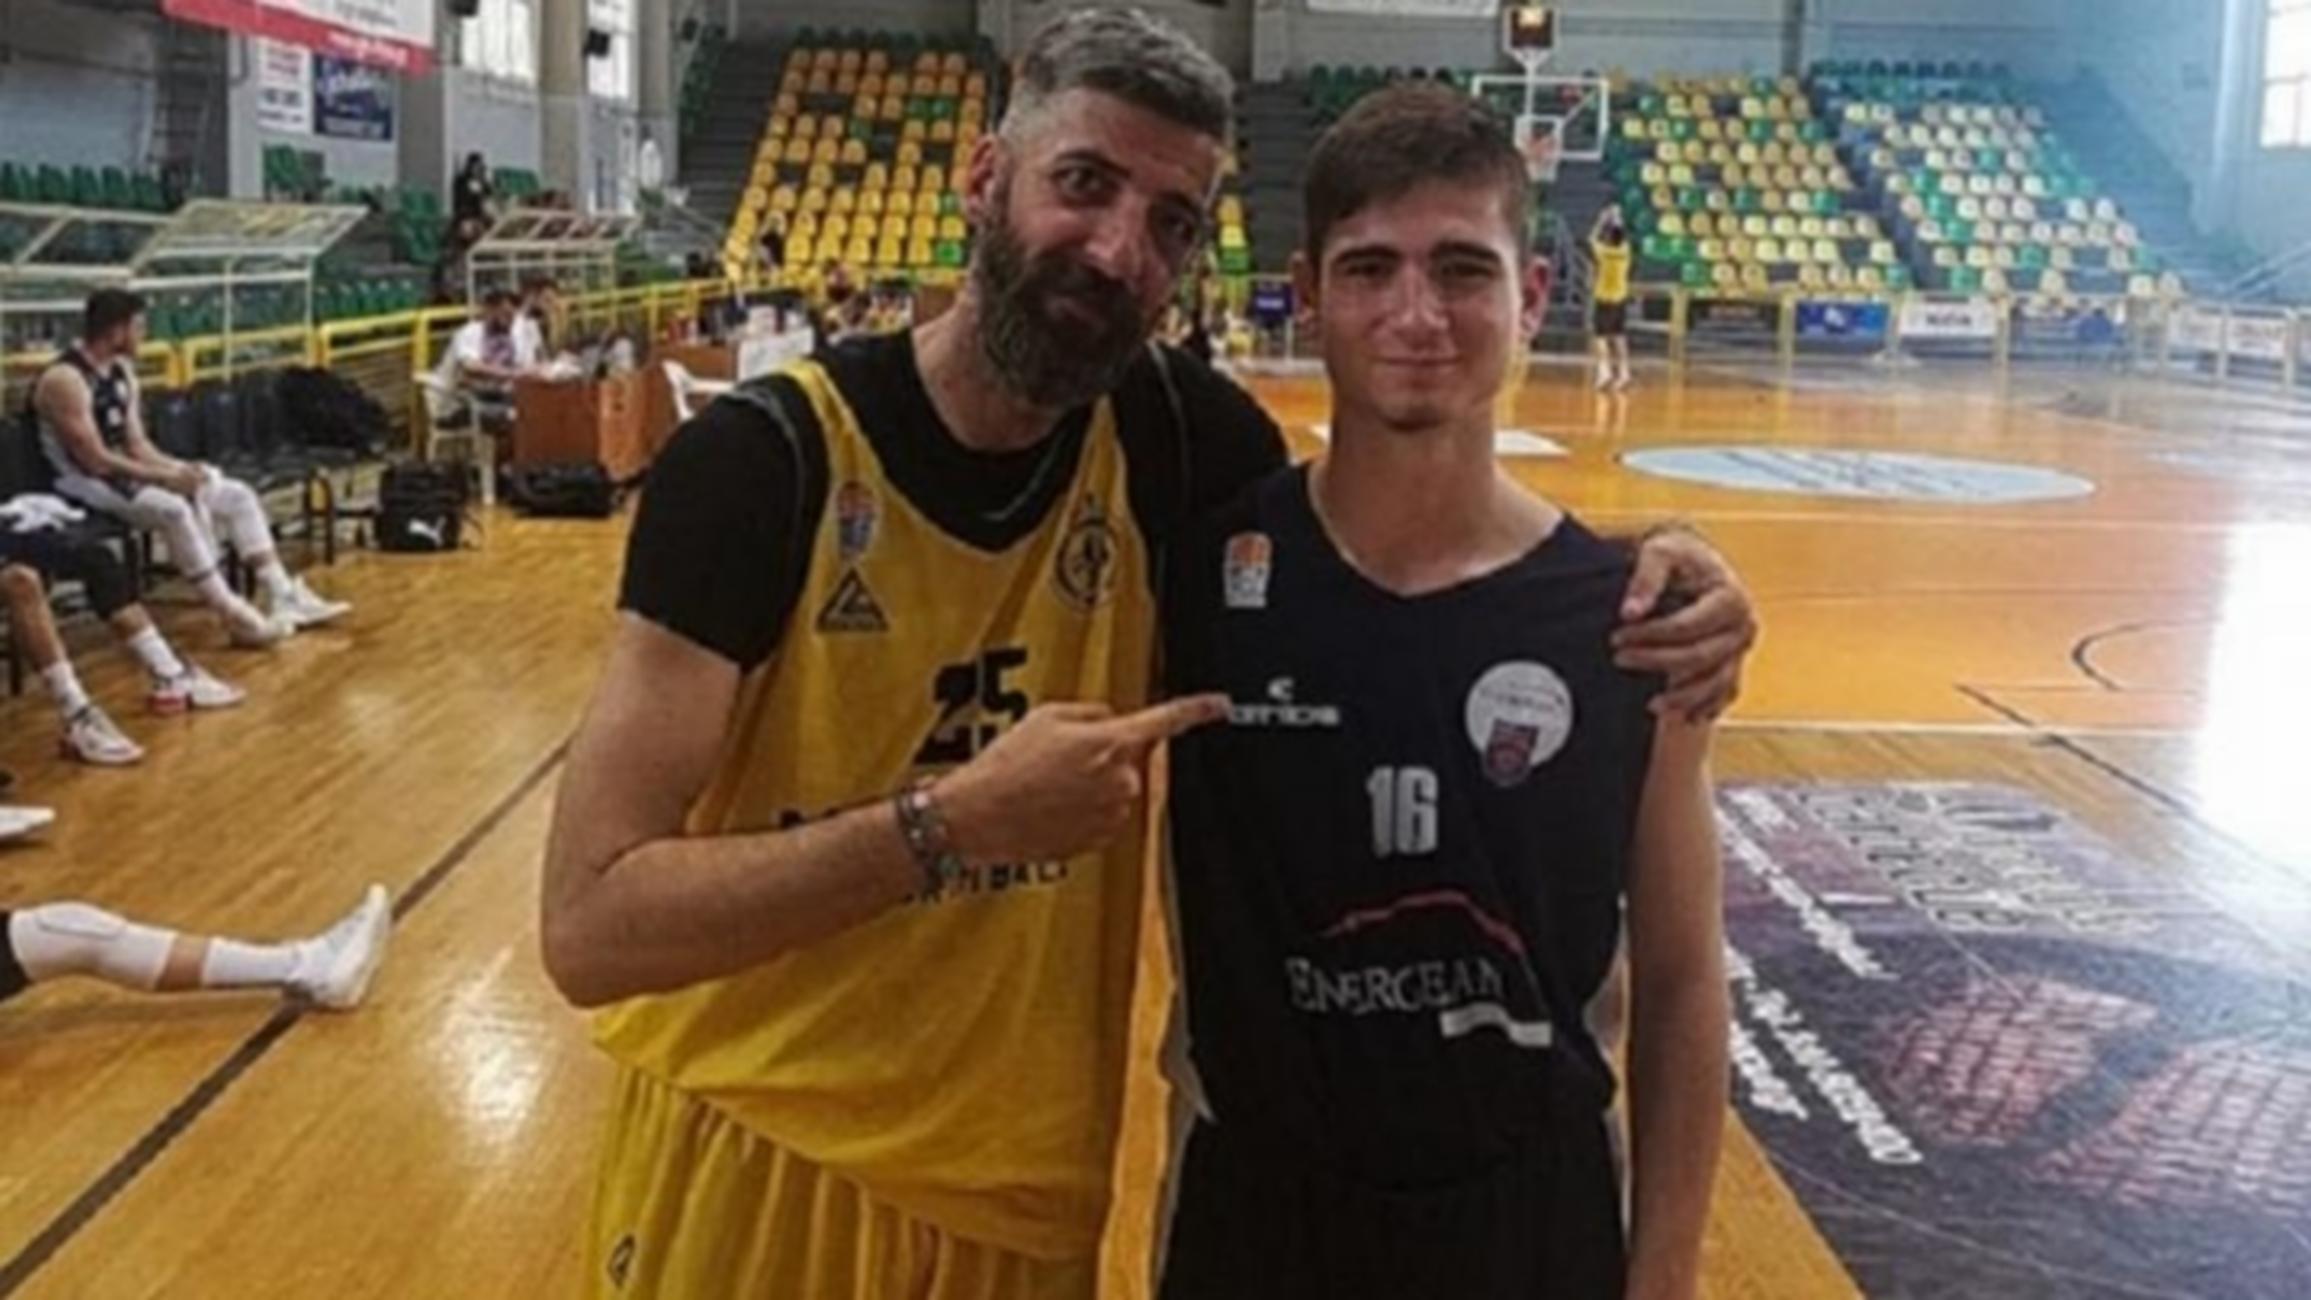 Φοβερός Γκαγκαλούδης έκανε «δώρο» βολές σε παίκτη 26 χρόνια μικρότερό του